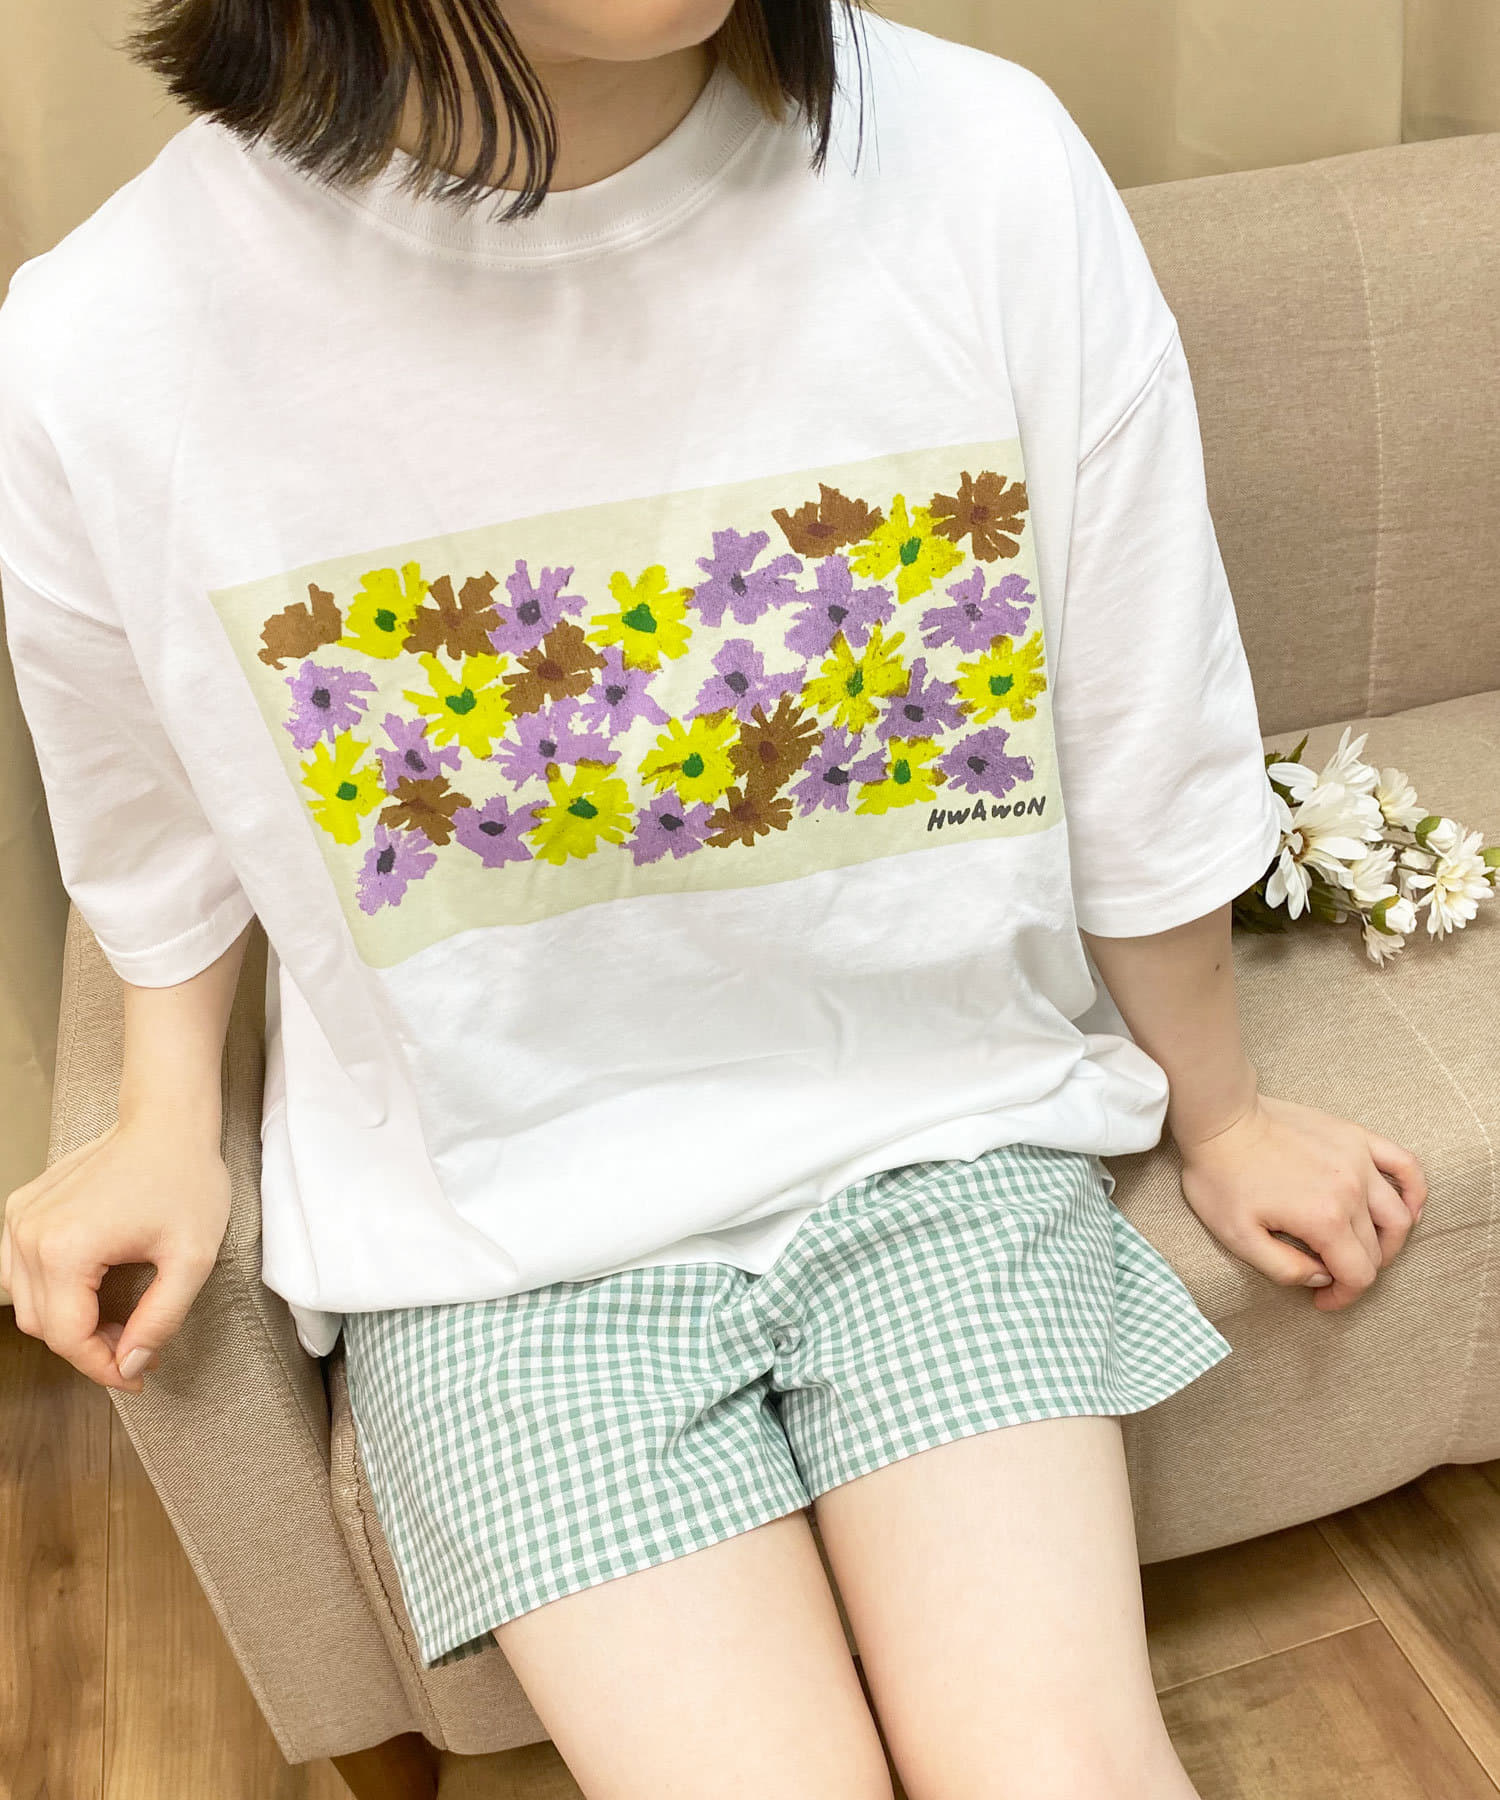 Lattice(ラティス) 《HWAWONコラボ》Tシャツ